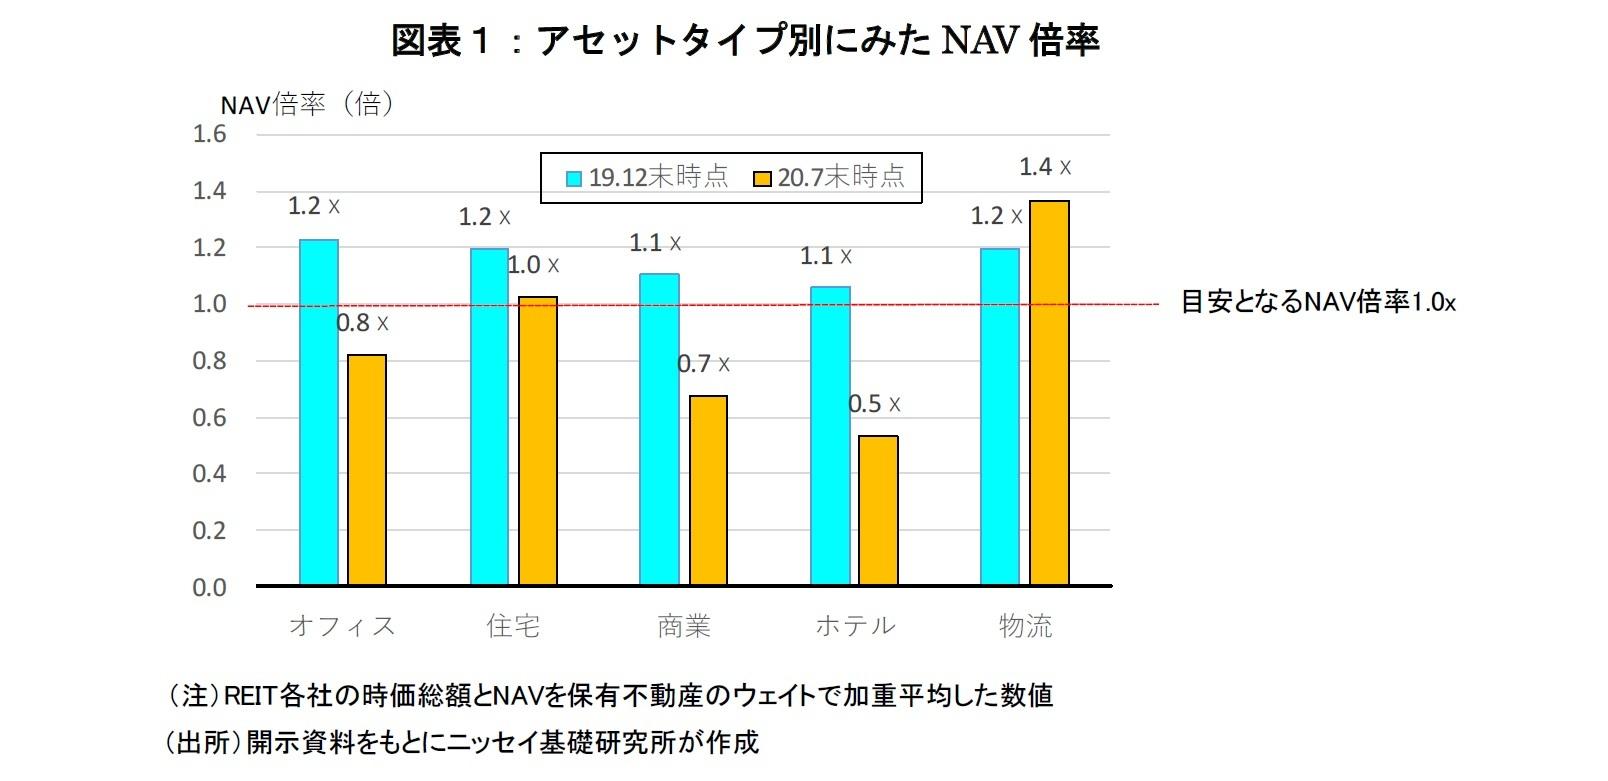 図表1:アセットタイプ別にみたNAV倍率